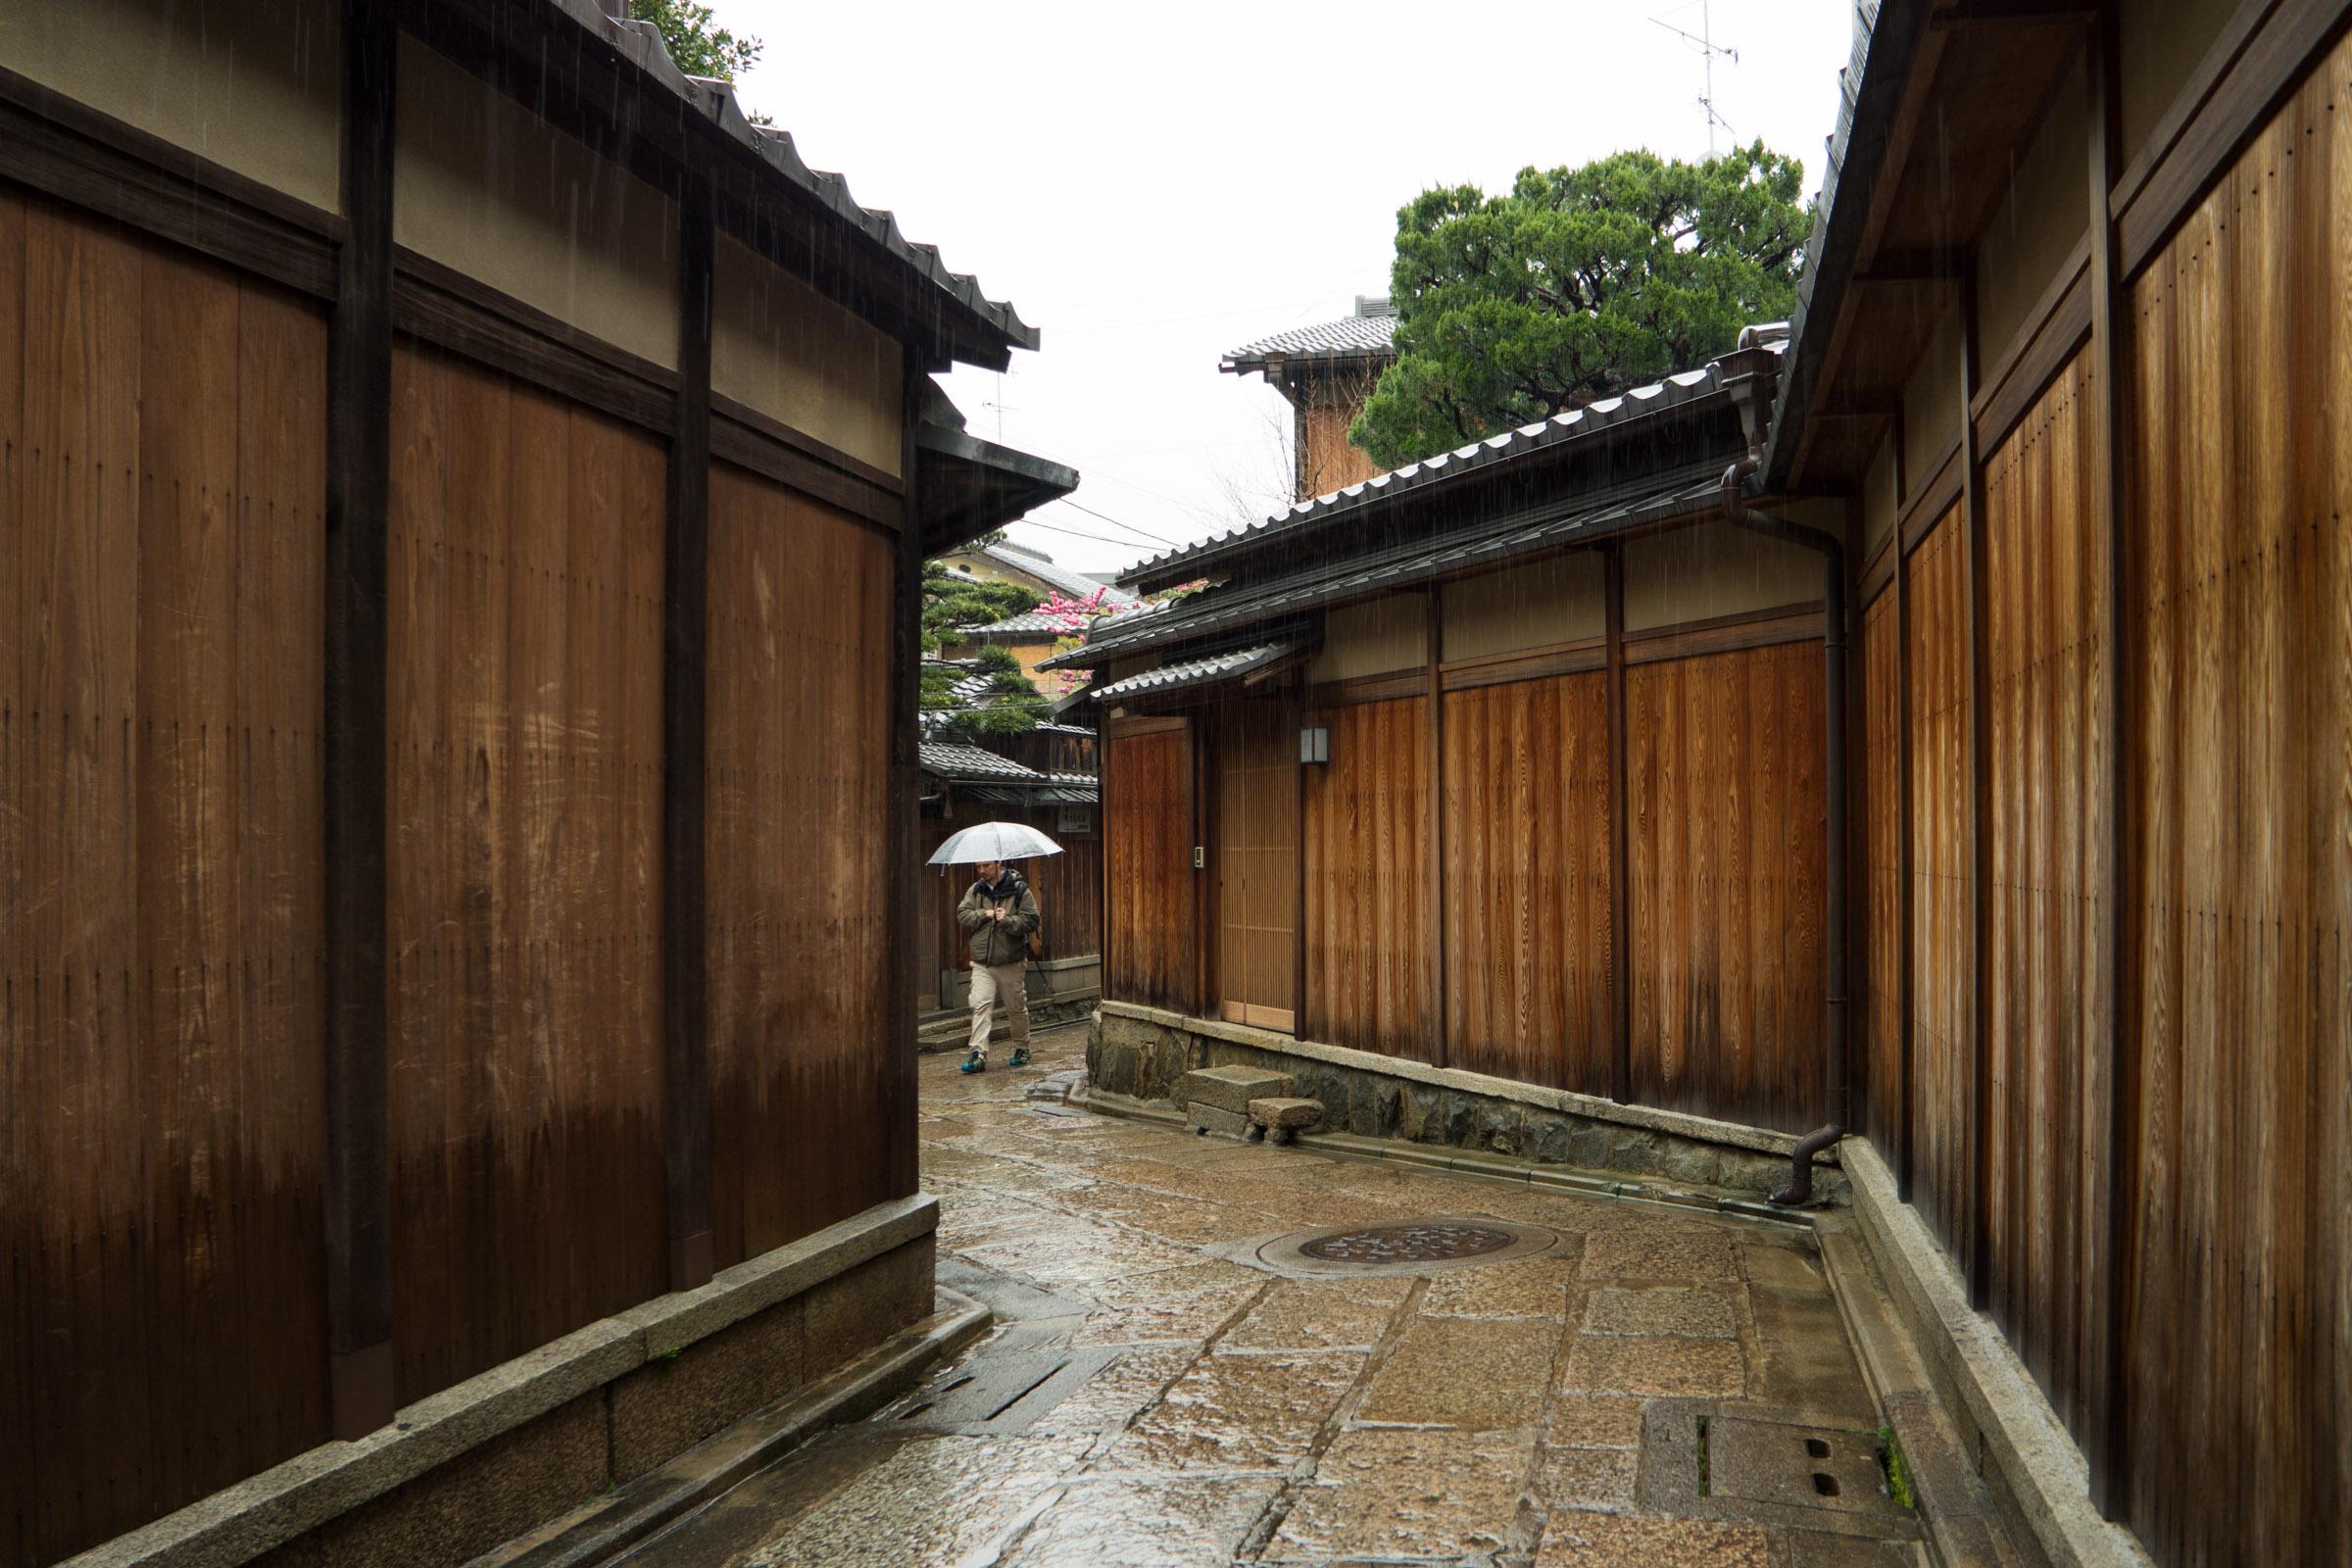 Rainy_street,_Kyoto_(16683855348).jpg